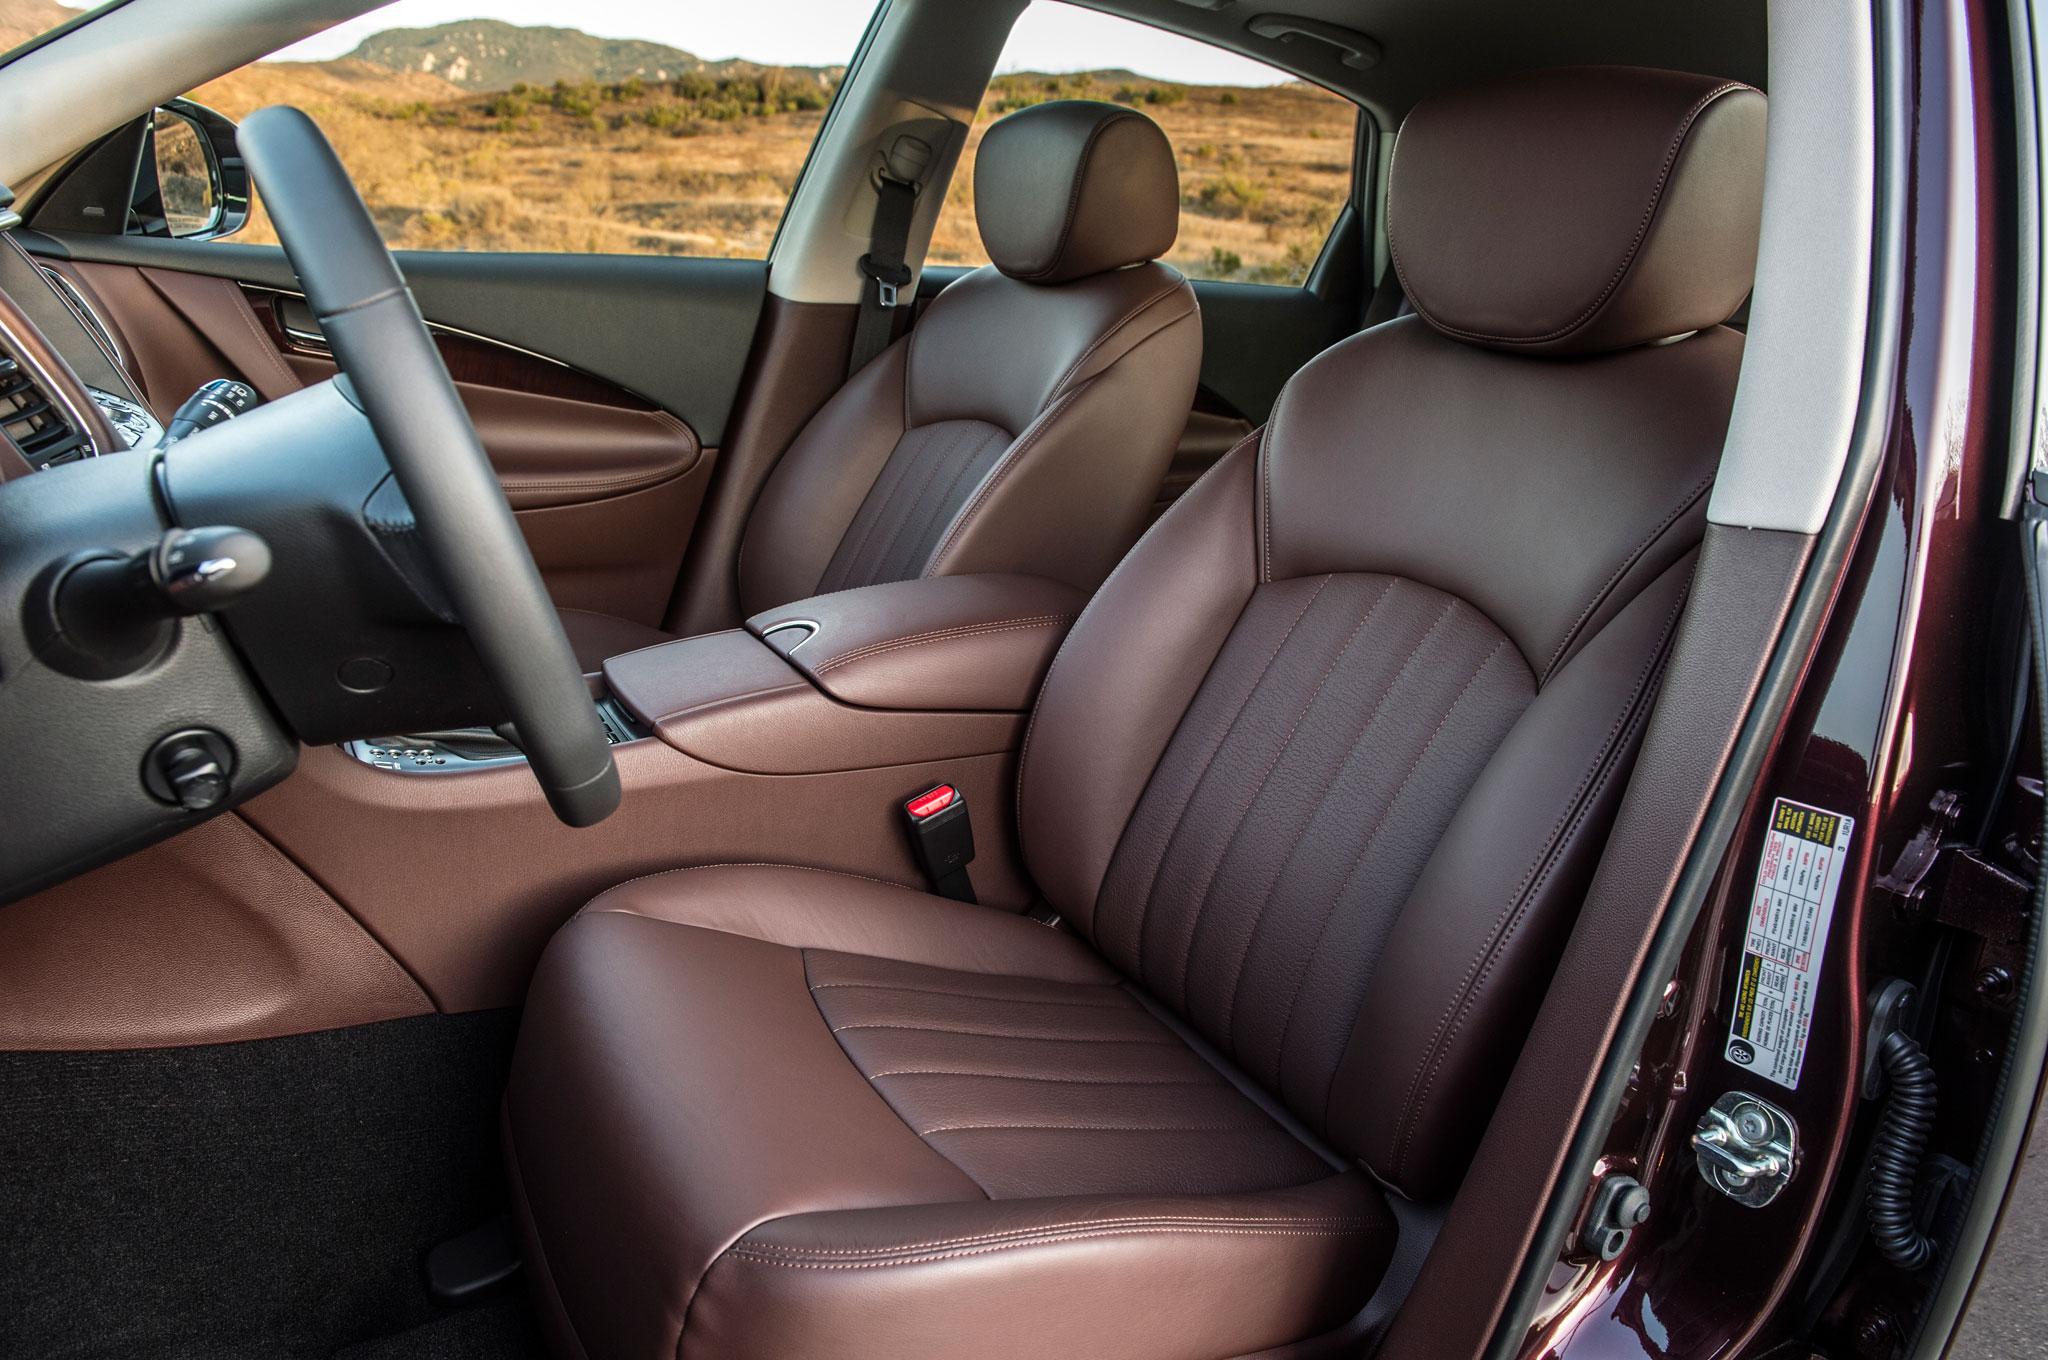 Ghế ô tô cũ hỏng – Nên bọc lại ghế da ô tô hay thay mới Là EVA thông minh nên biết điều này